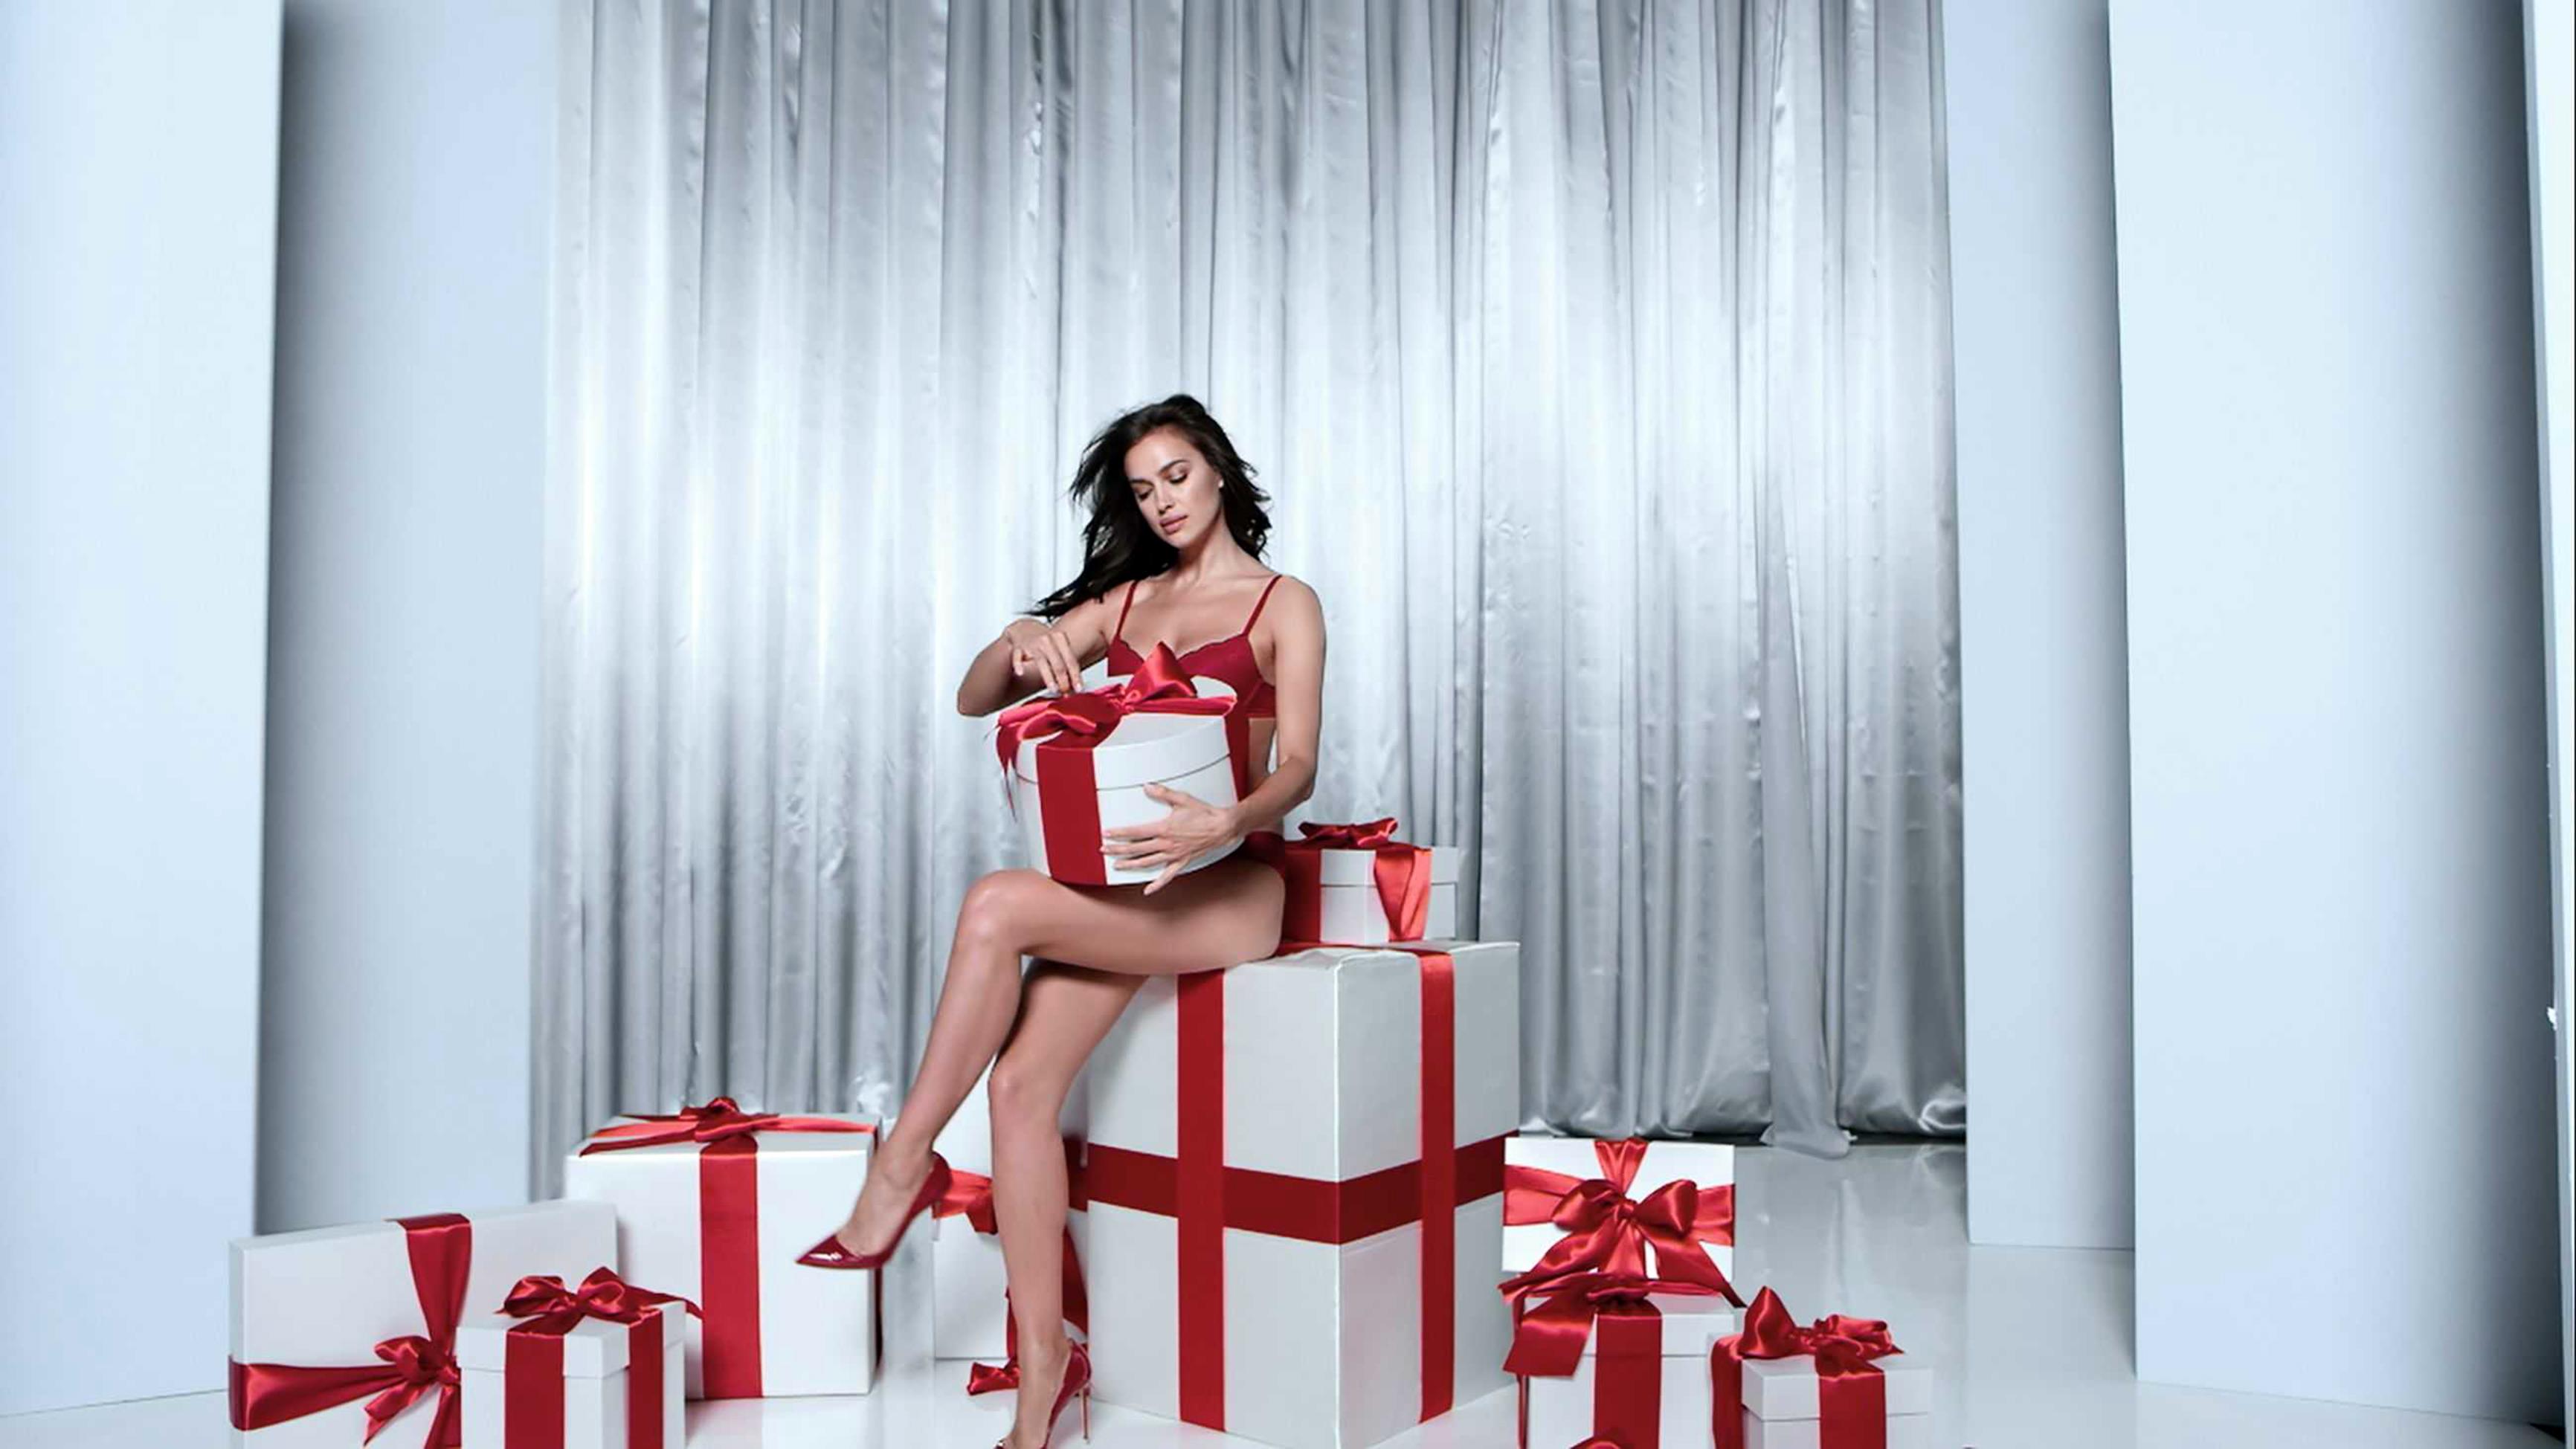 Fotomodelul Irina Shayk a devenit imaginea campaniei de sărbători a brandului italiande lenjerie intimă, Intimissimi.